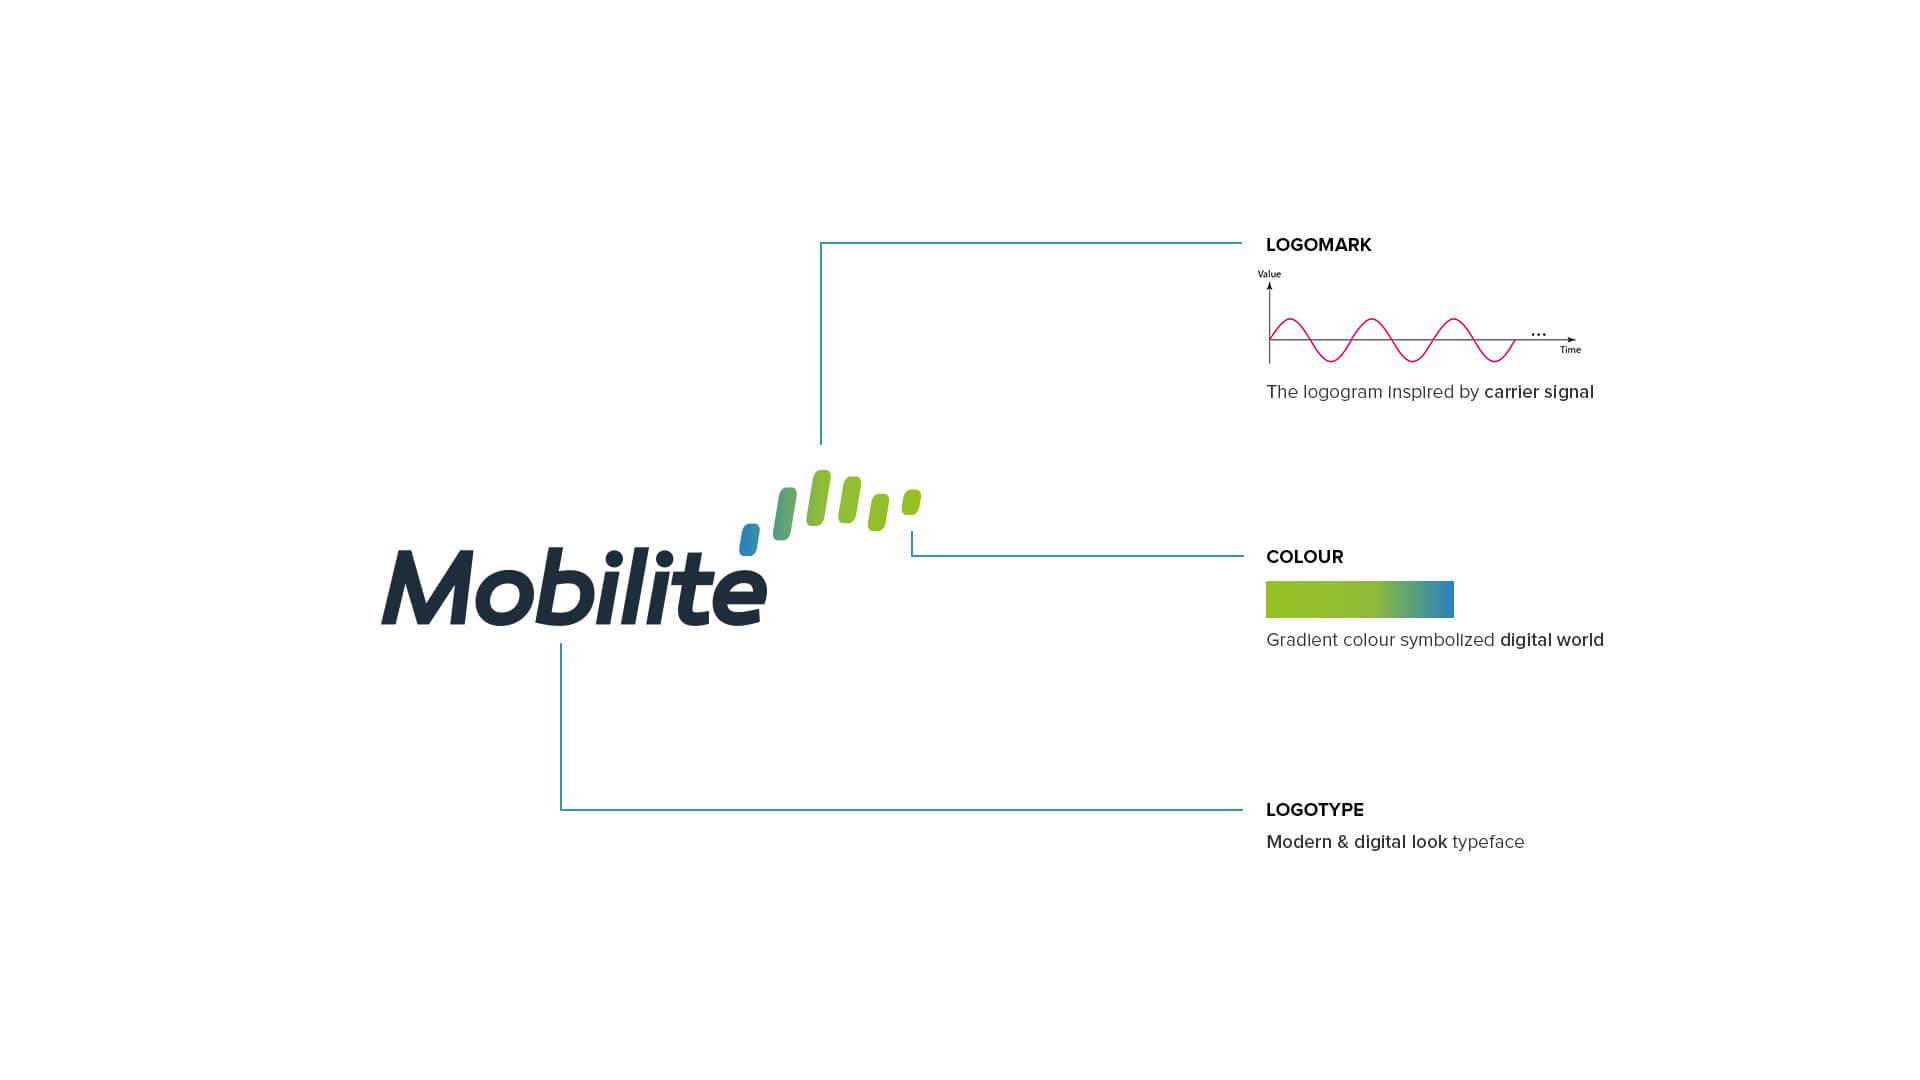 mobilite-logo4